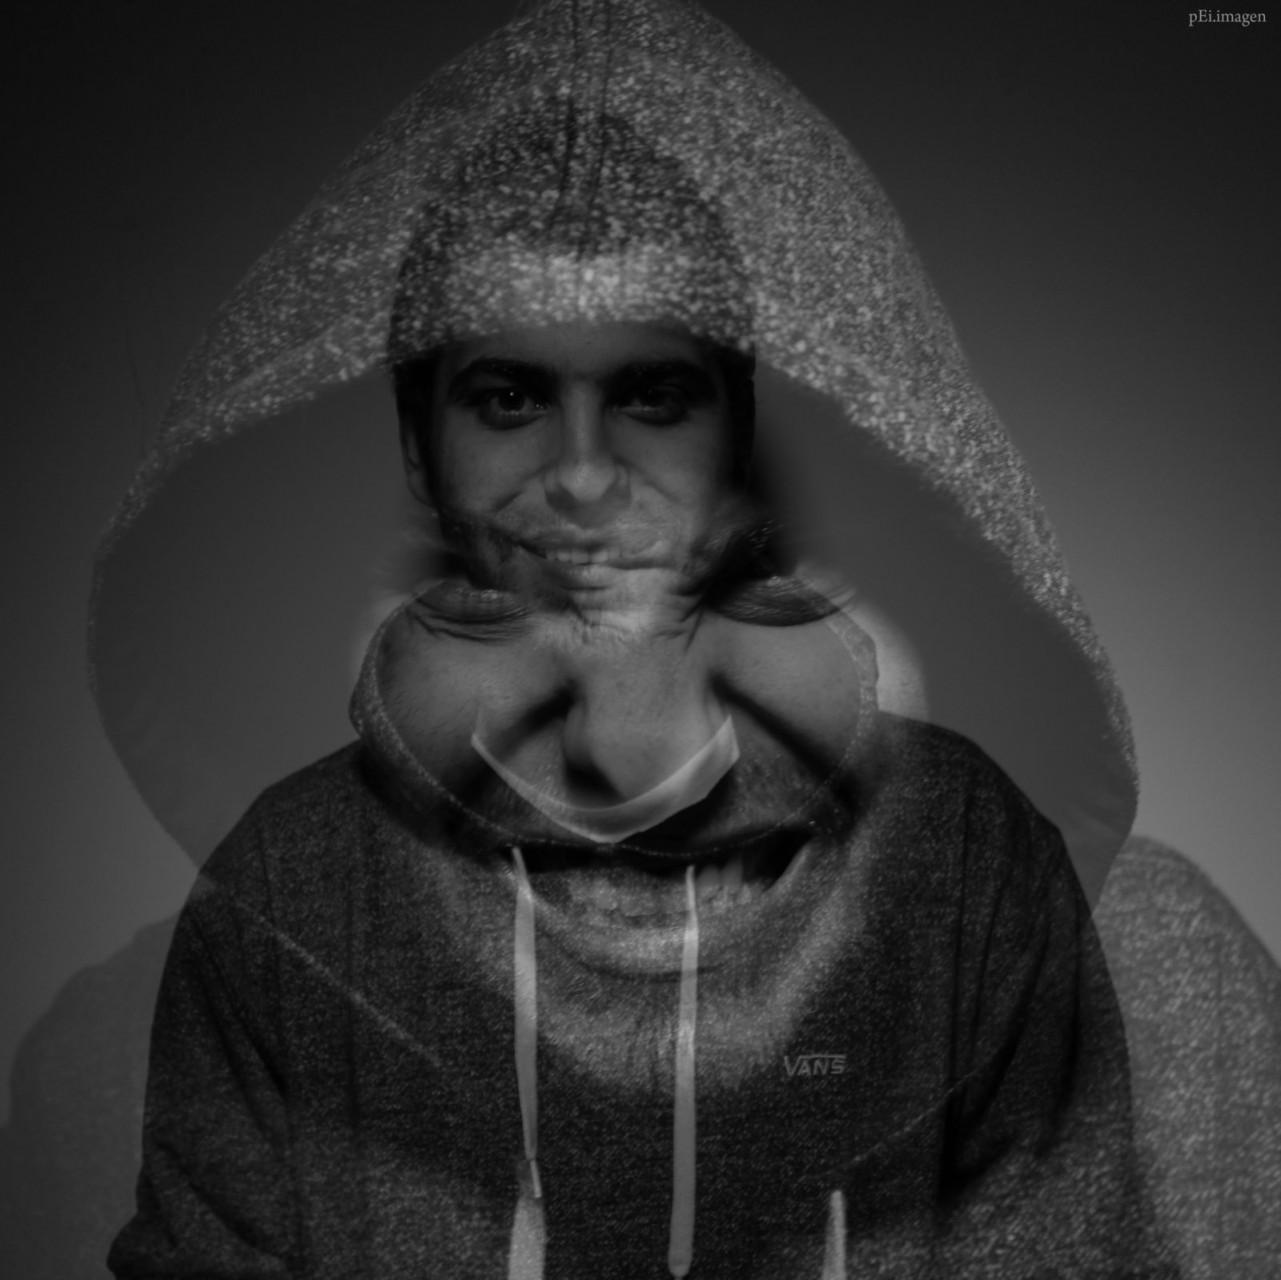 peipegata me myself I proyectos fotografia peipegatafotografia # 049 Enrique Mene